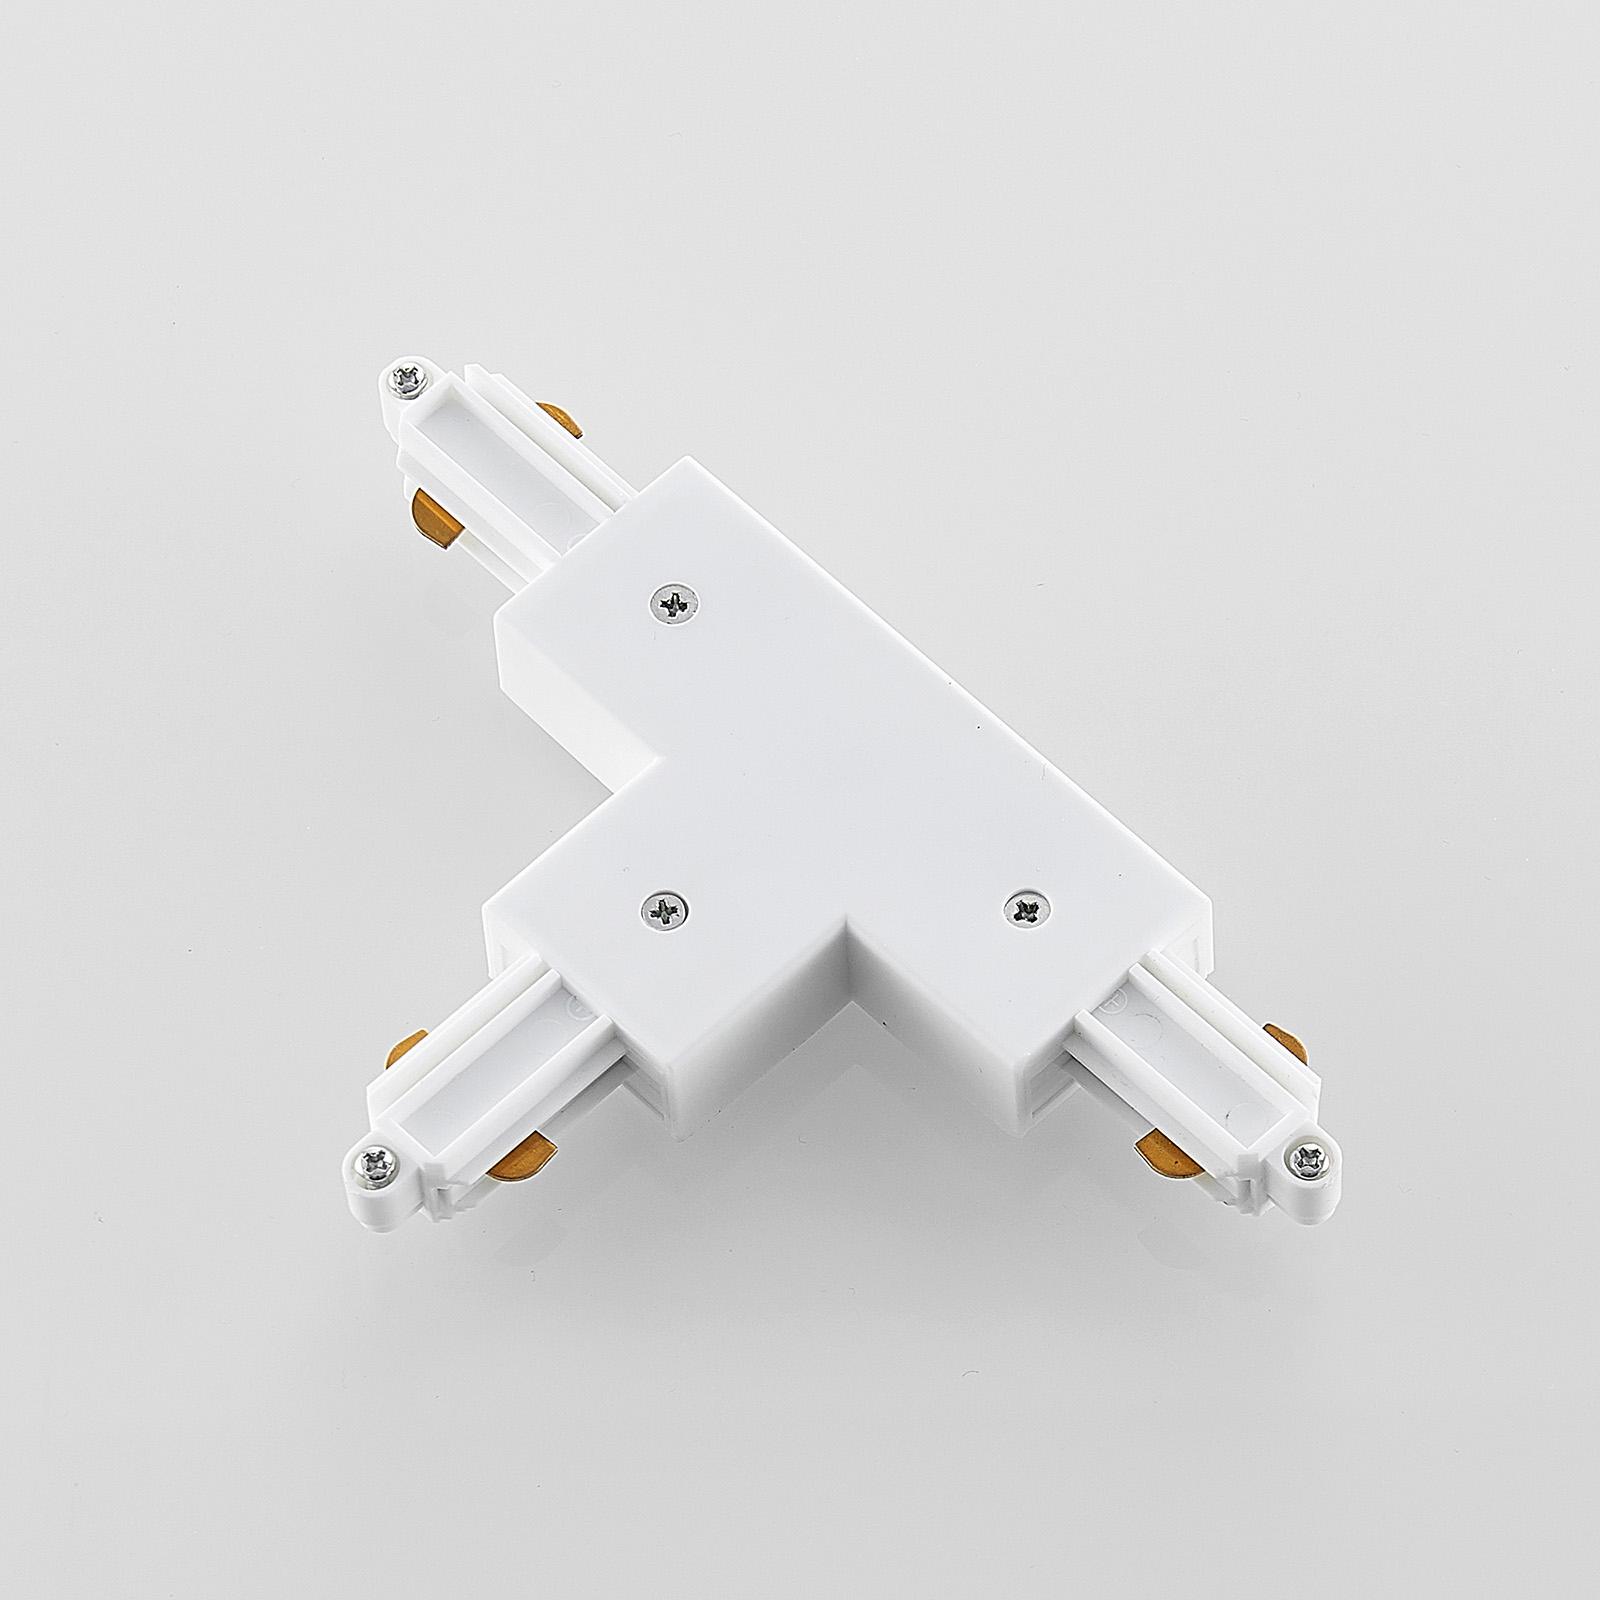 T-koblingstykke til 1-fase-skinnesystem, hvit